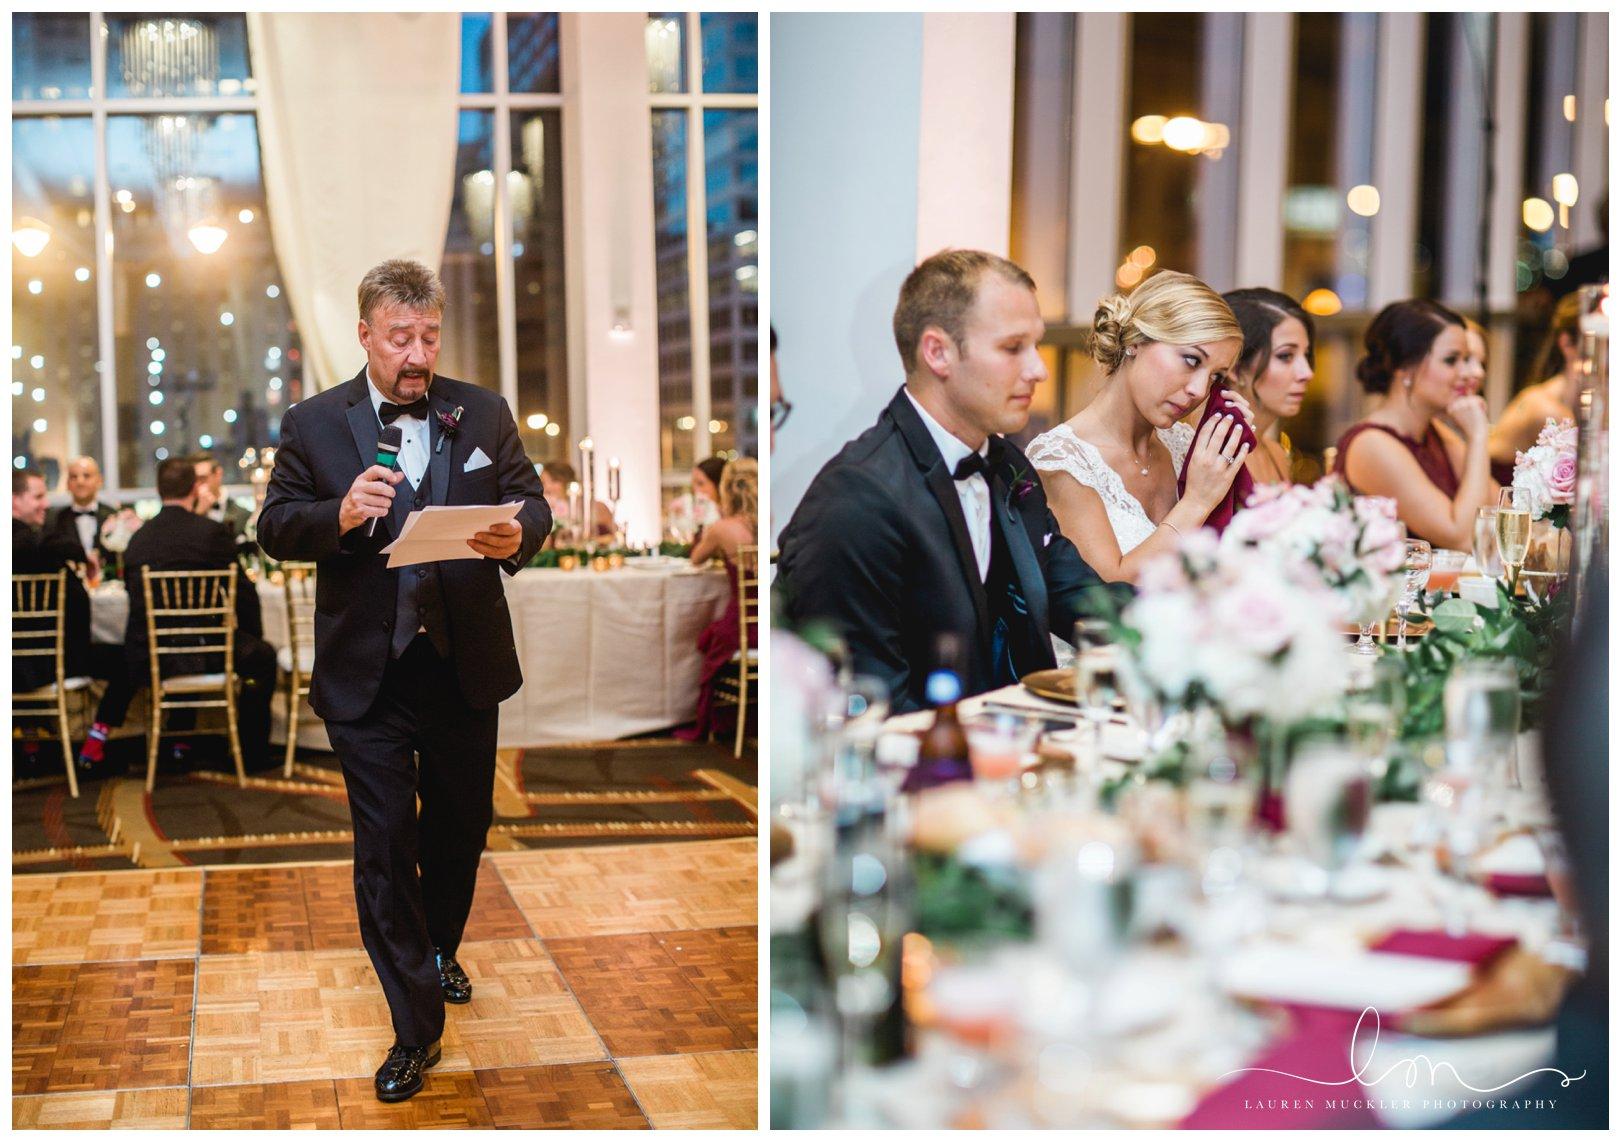 lauren muckler photography_fine art film wedding photography_st louis_photography_0828.jpg